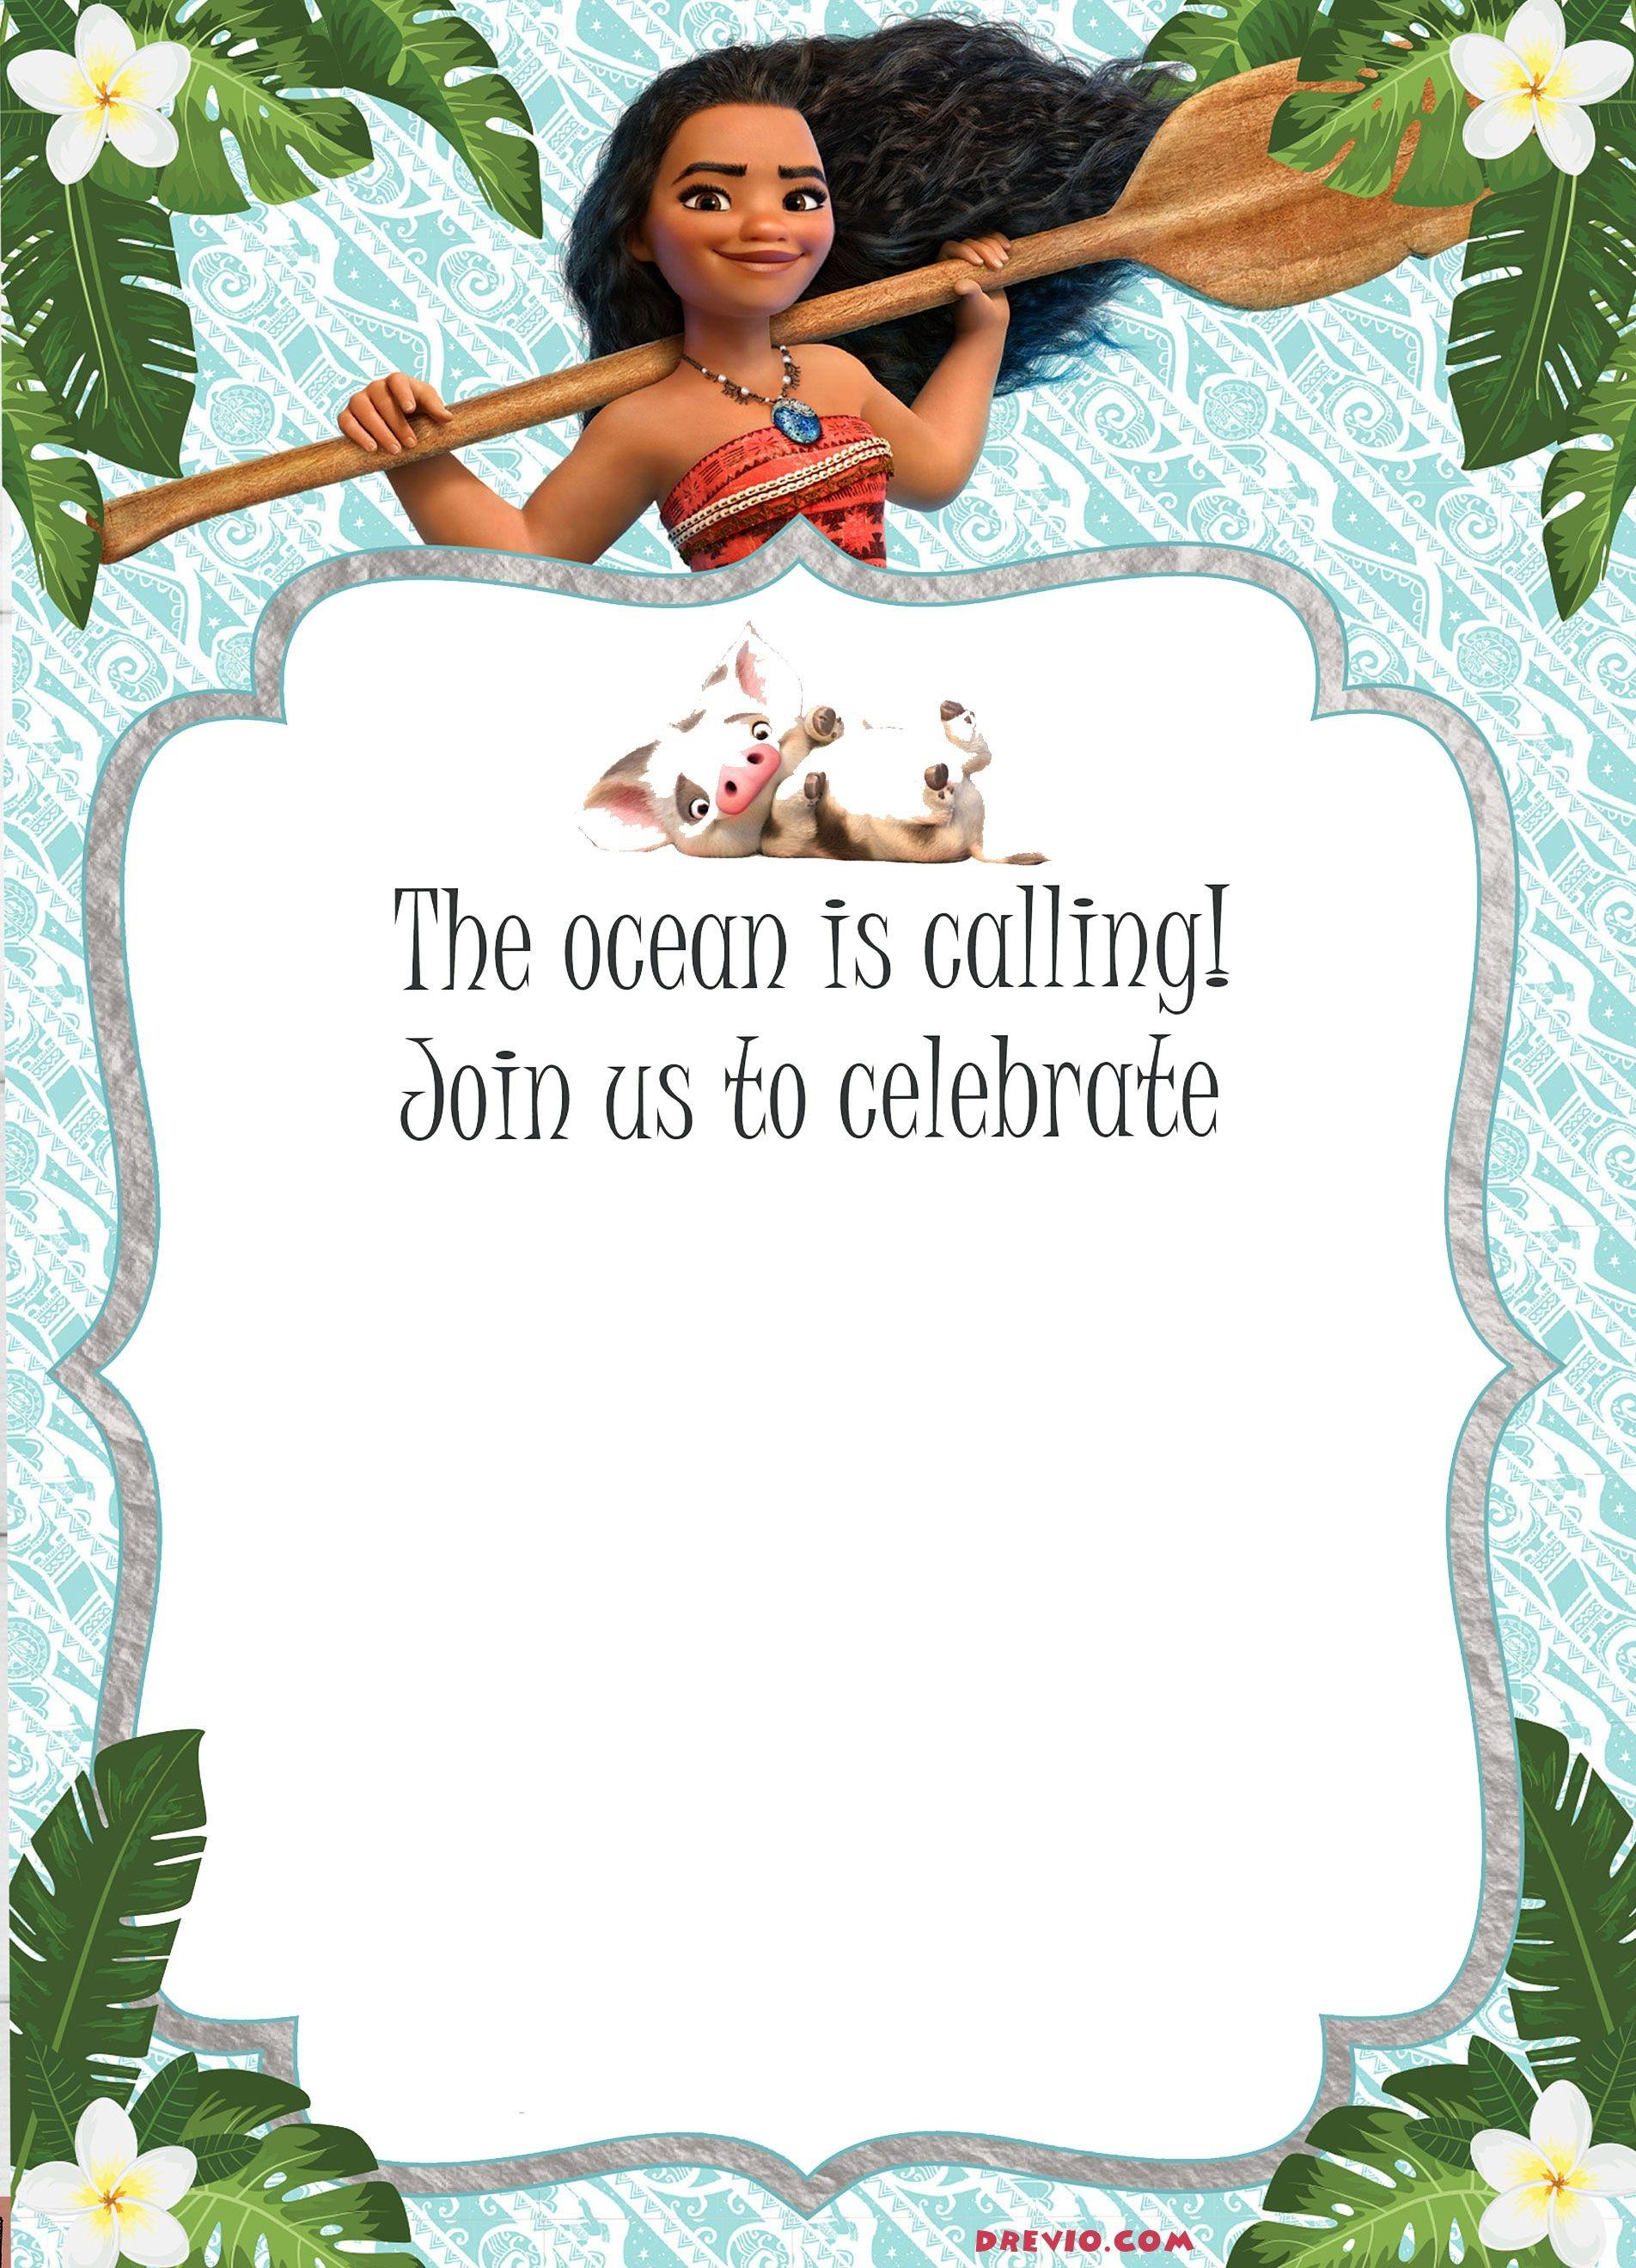 Free Moana Birthday Invitation Template | Moana / Luau Themed - Free Printable Moana Birthday Cards